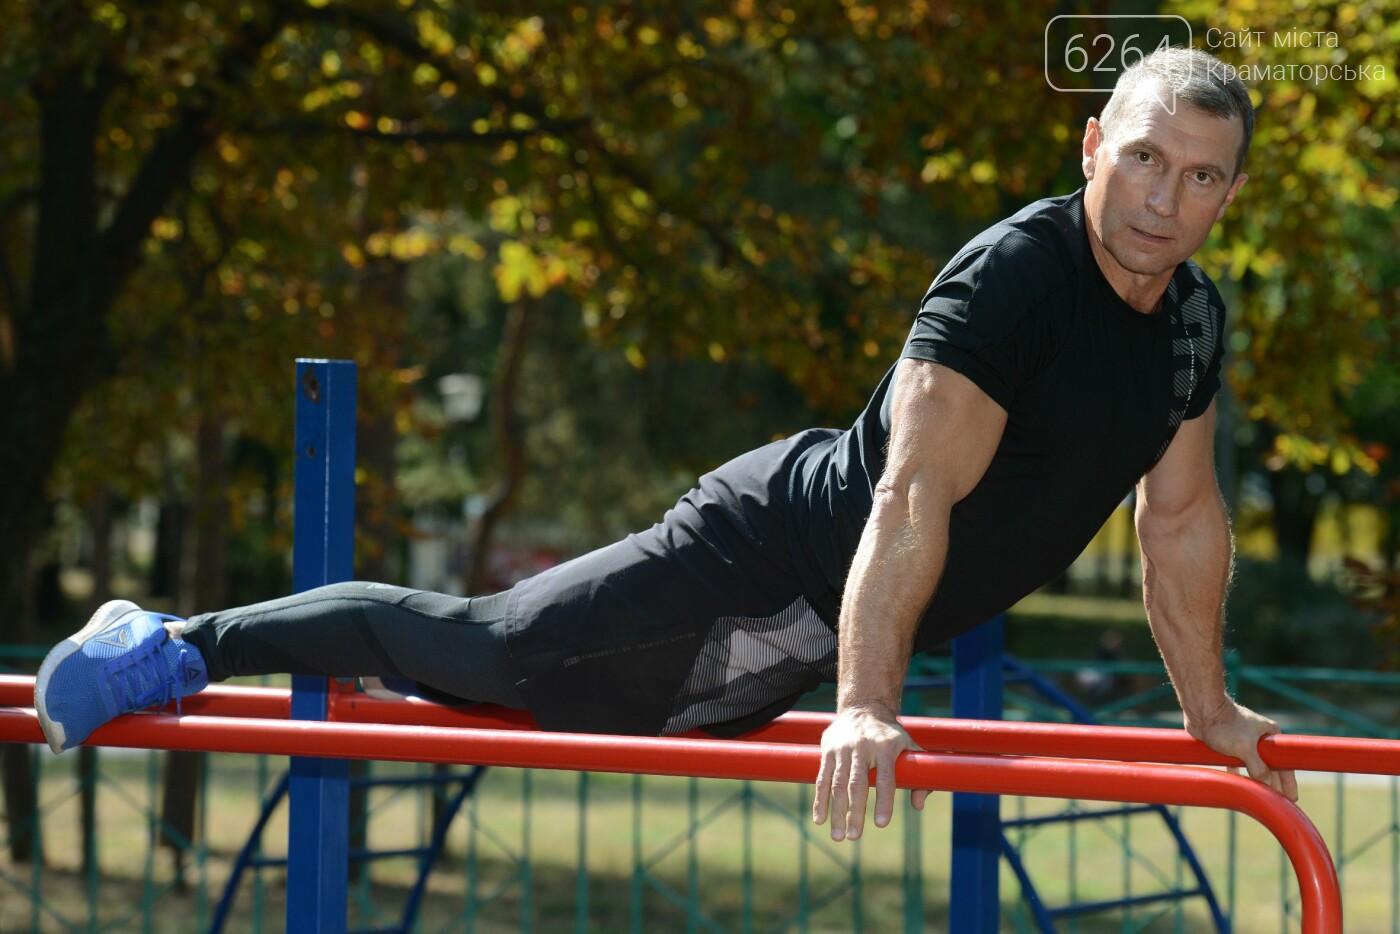 ЭСТЕТИК GYM - энергия твоего успеха: взгляни на фитнес по-новому, фото-6